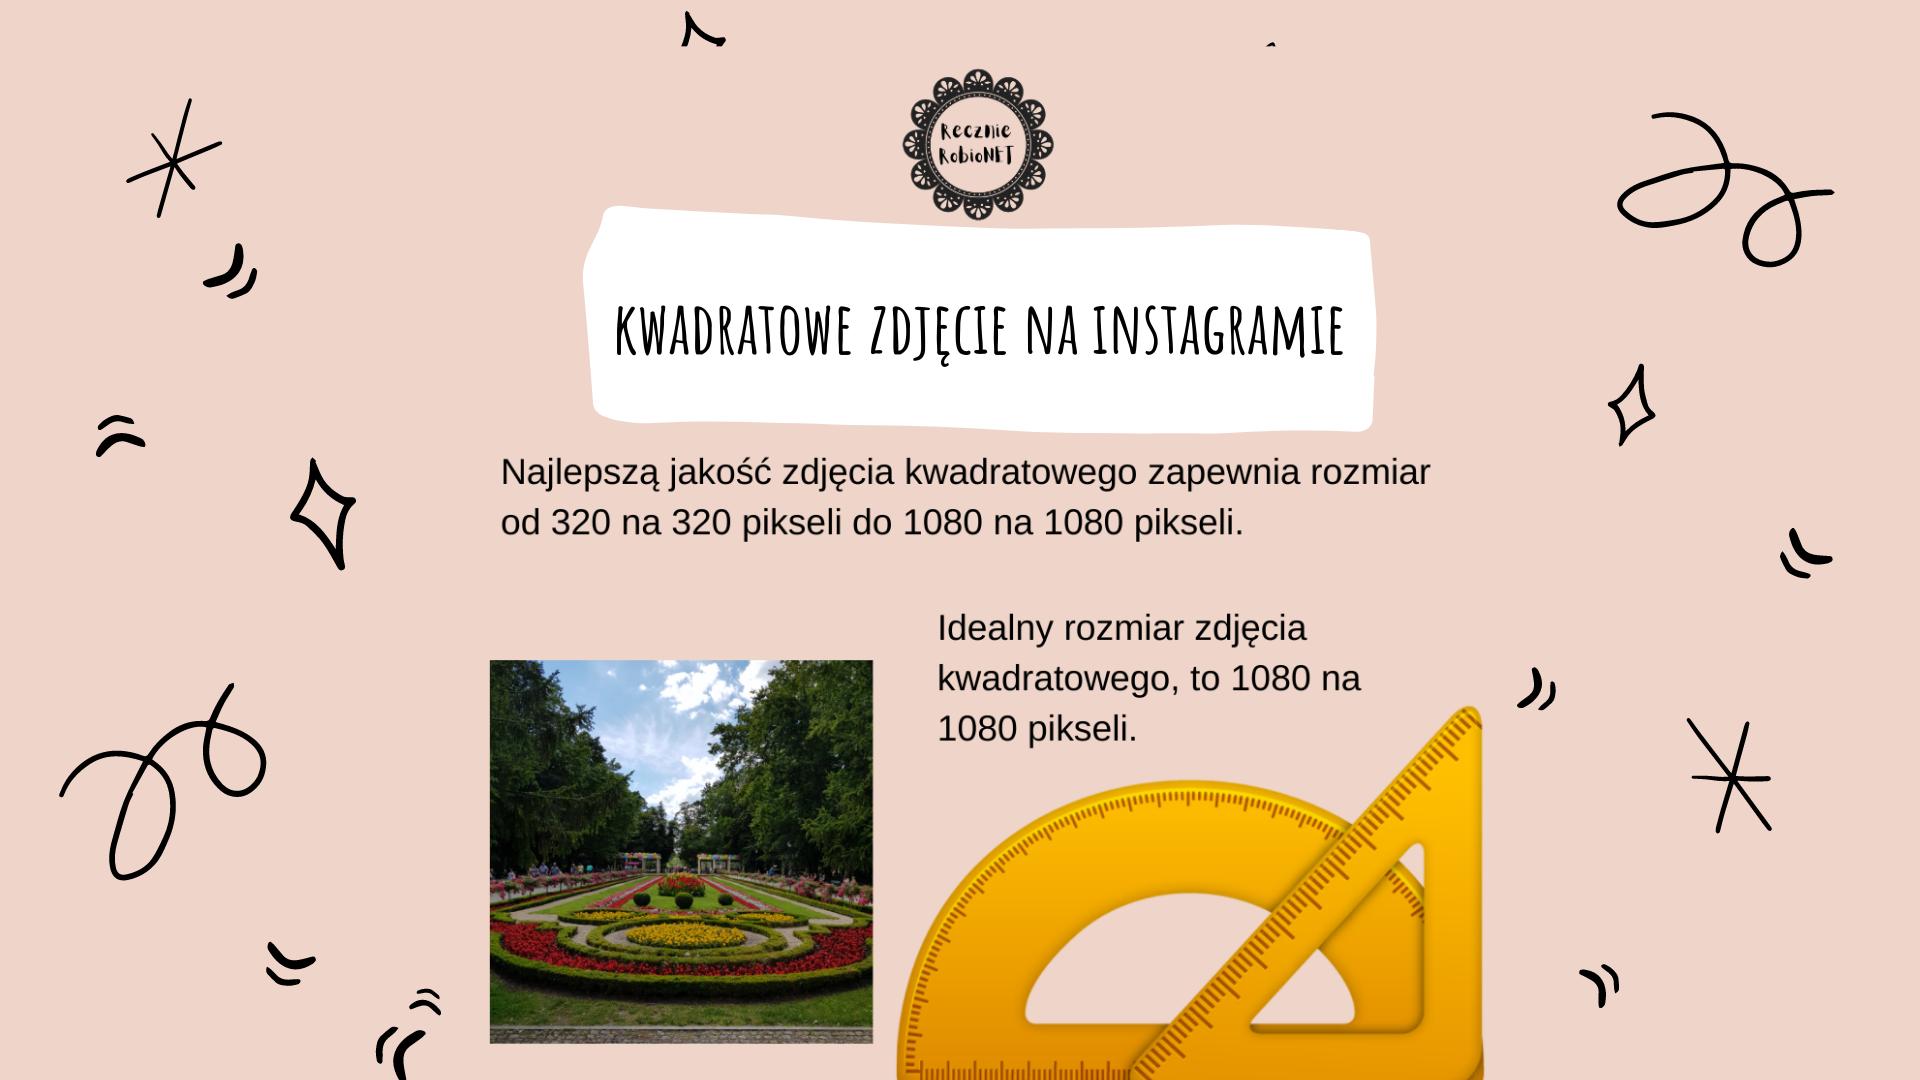 Kwadratowe zdjęcia na Instagramie